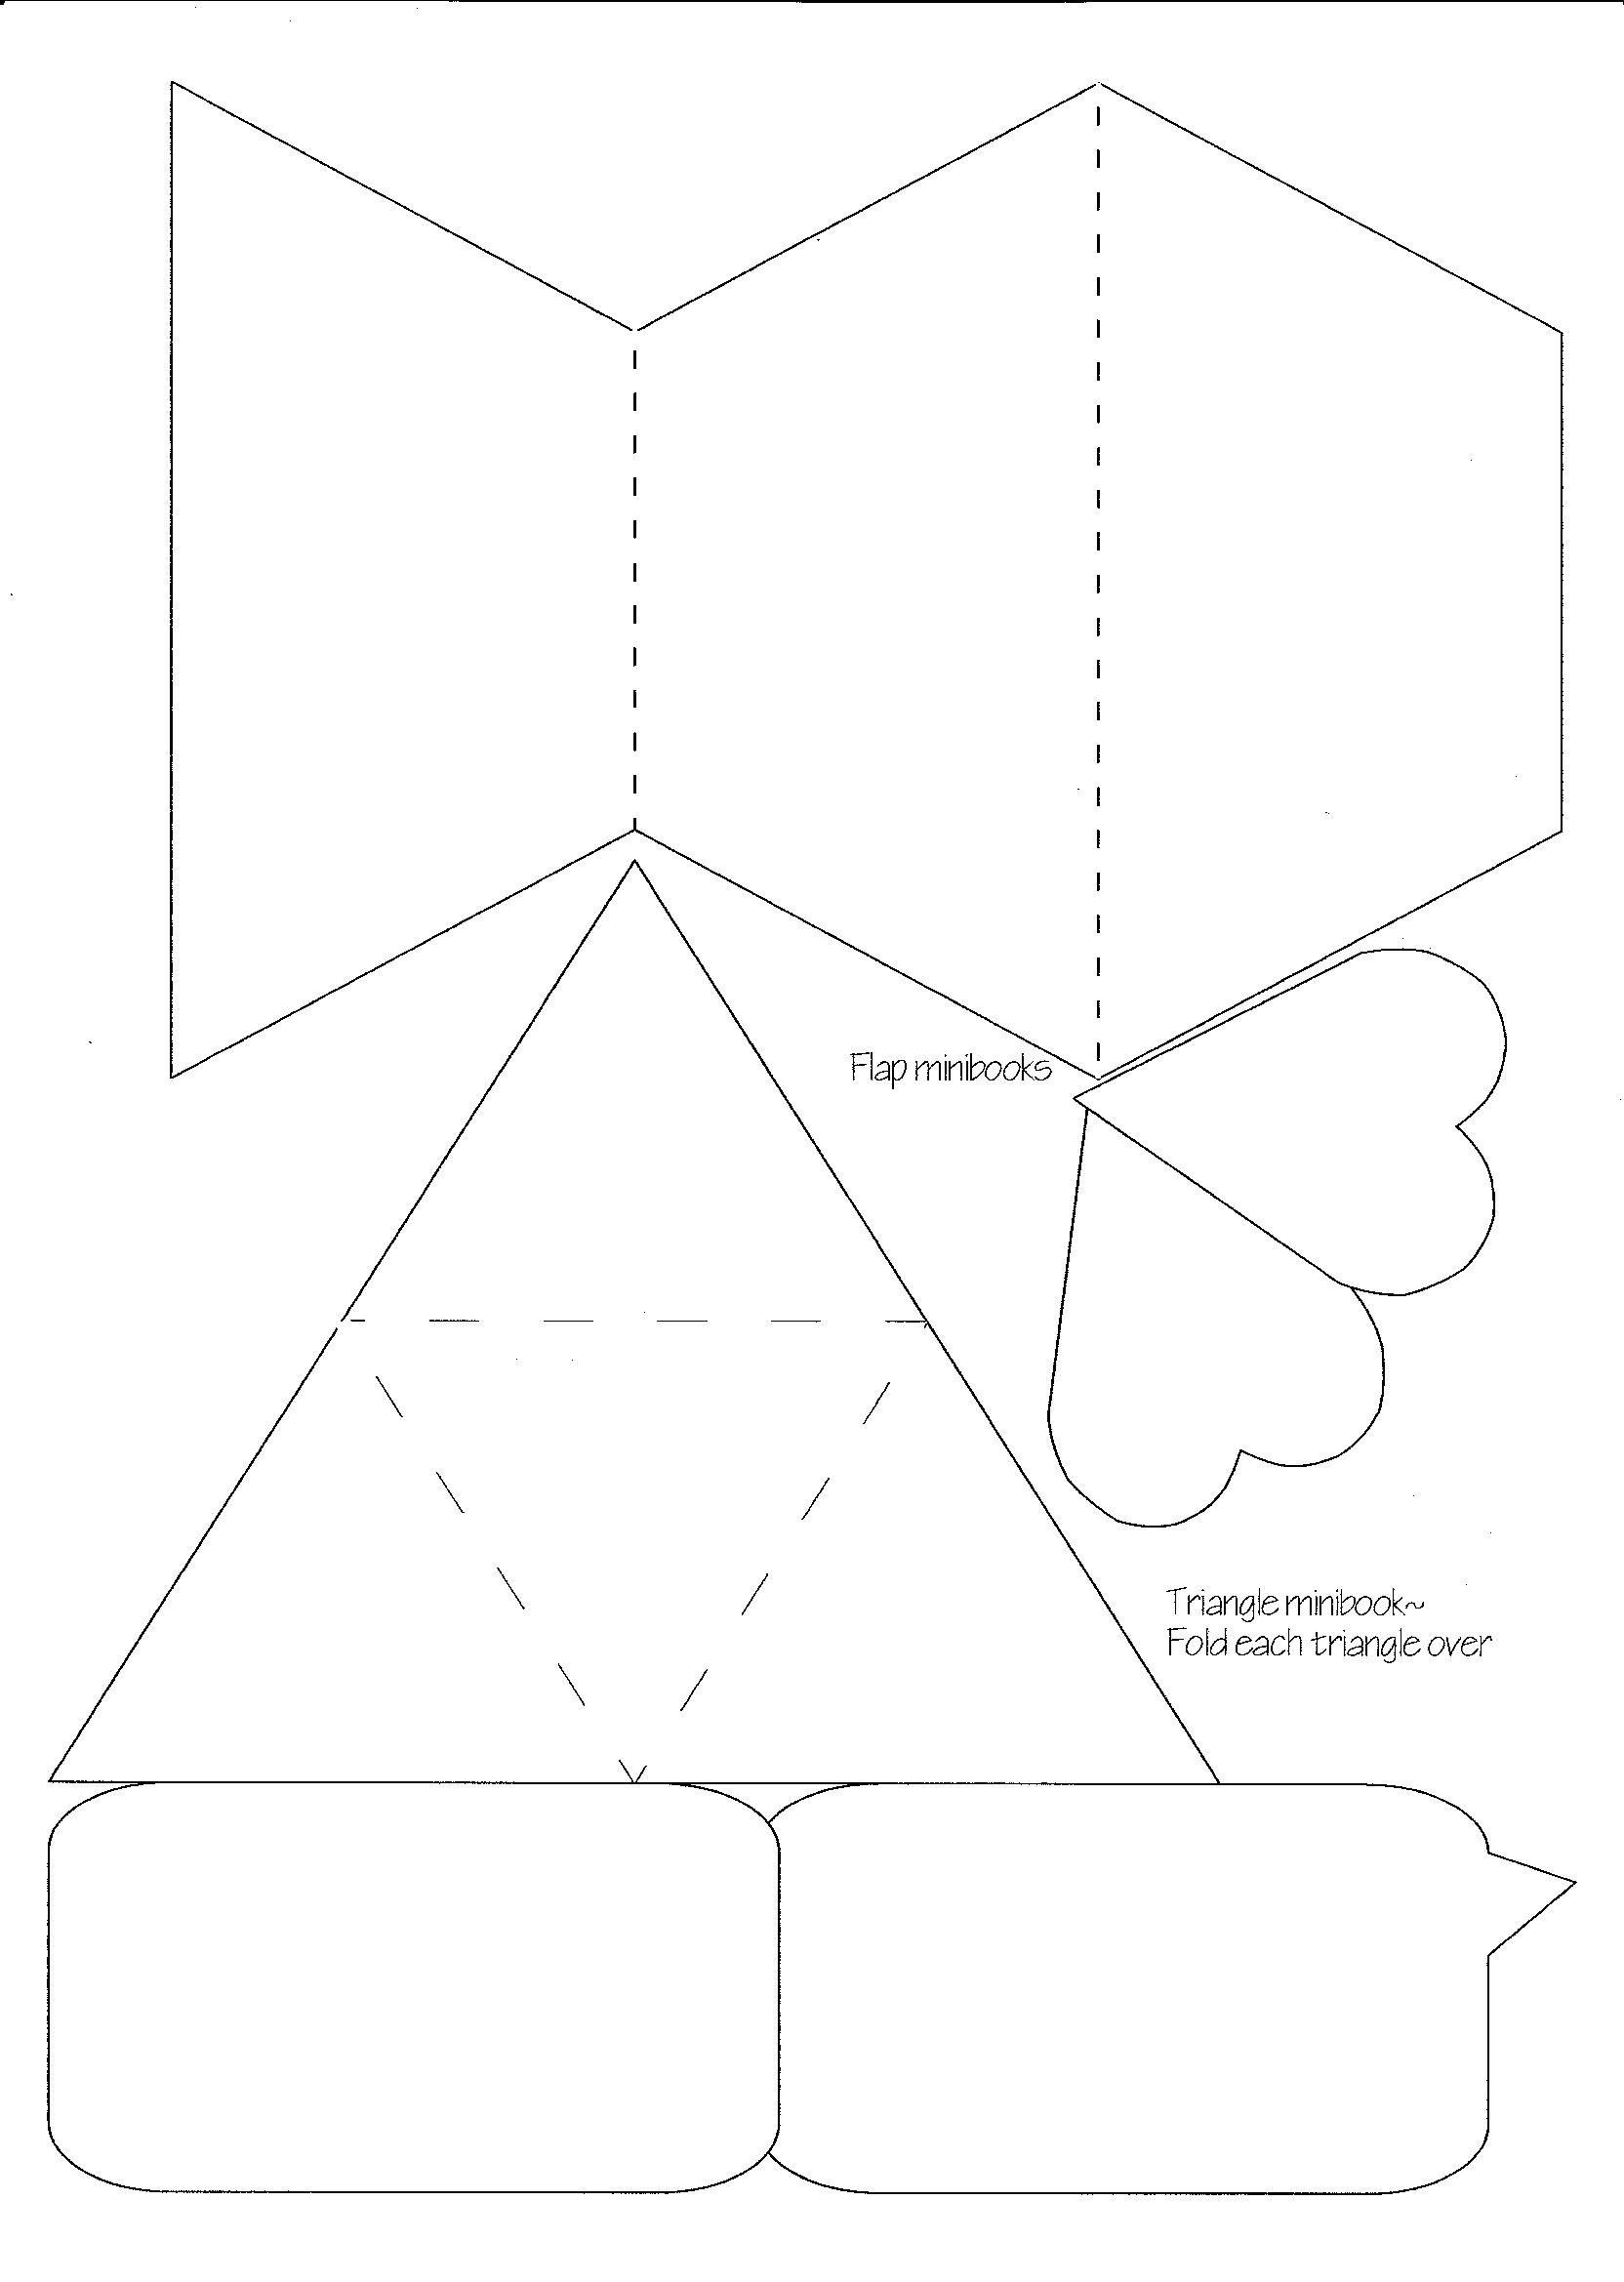 minibook-master-template-005.jpg 1 664×2 338 bildpunkter | Lap book ...